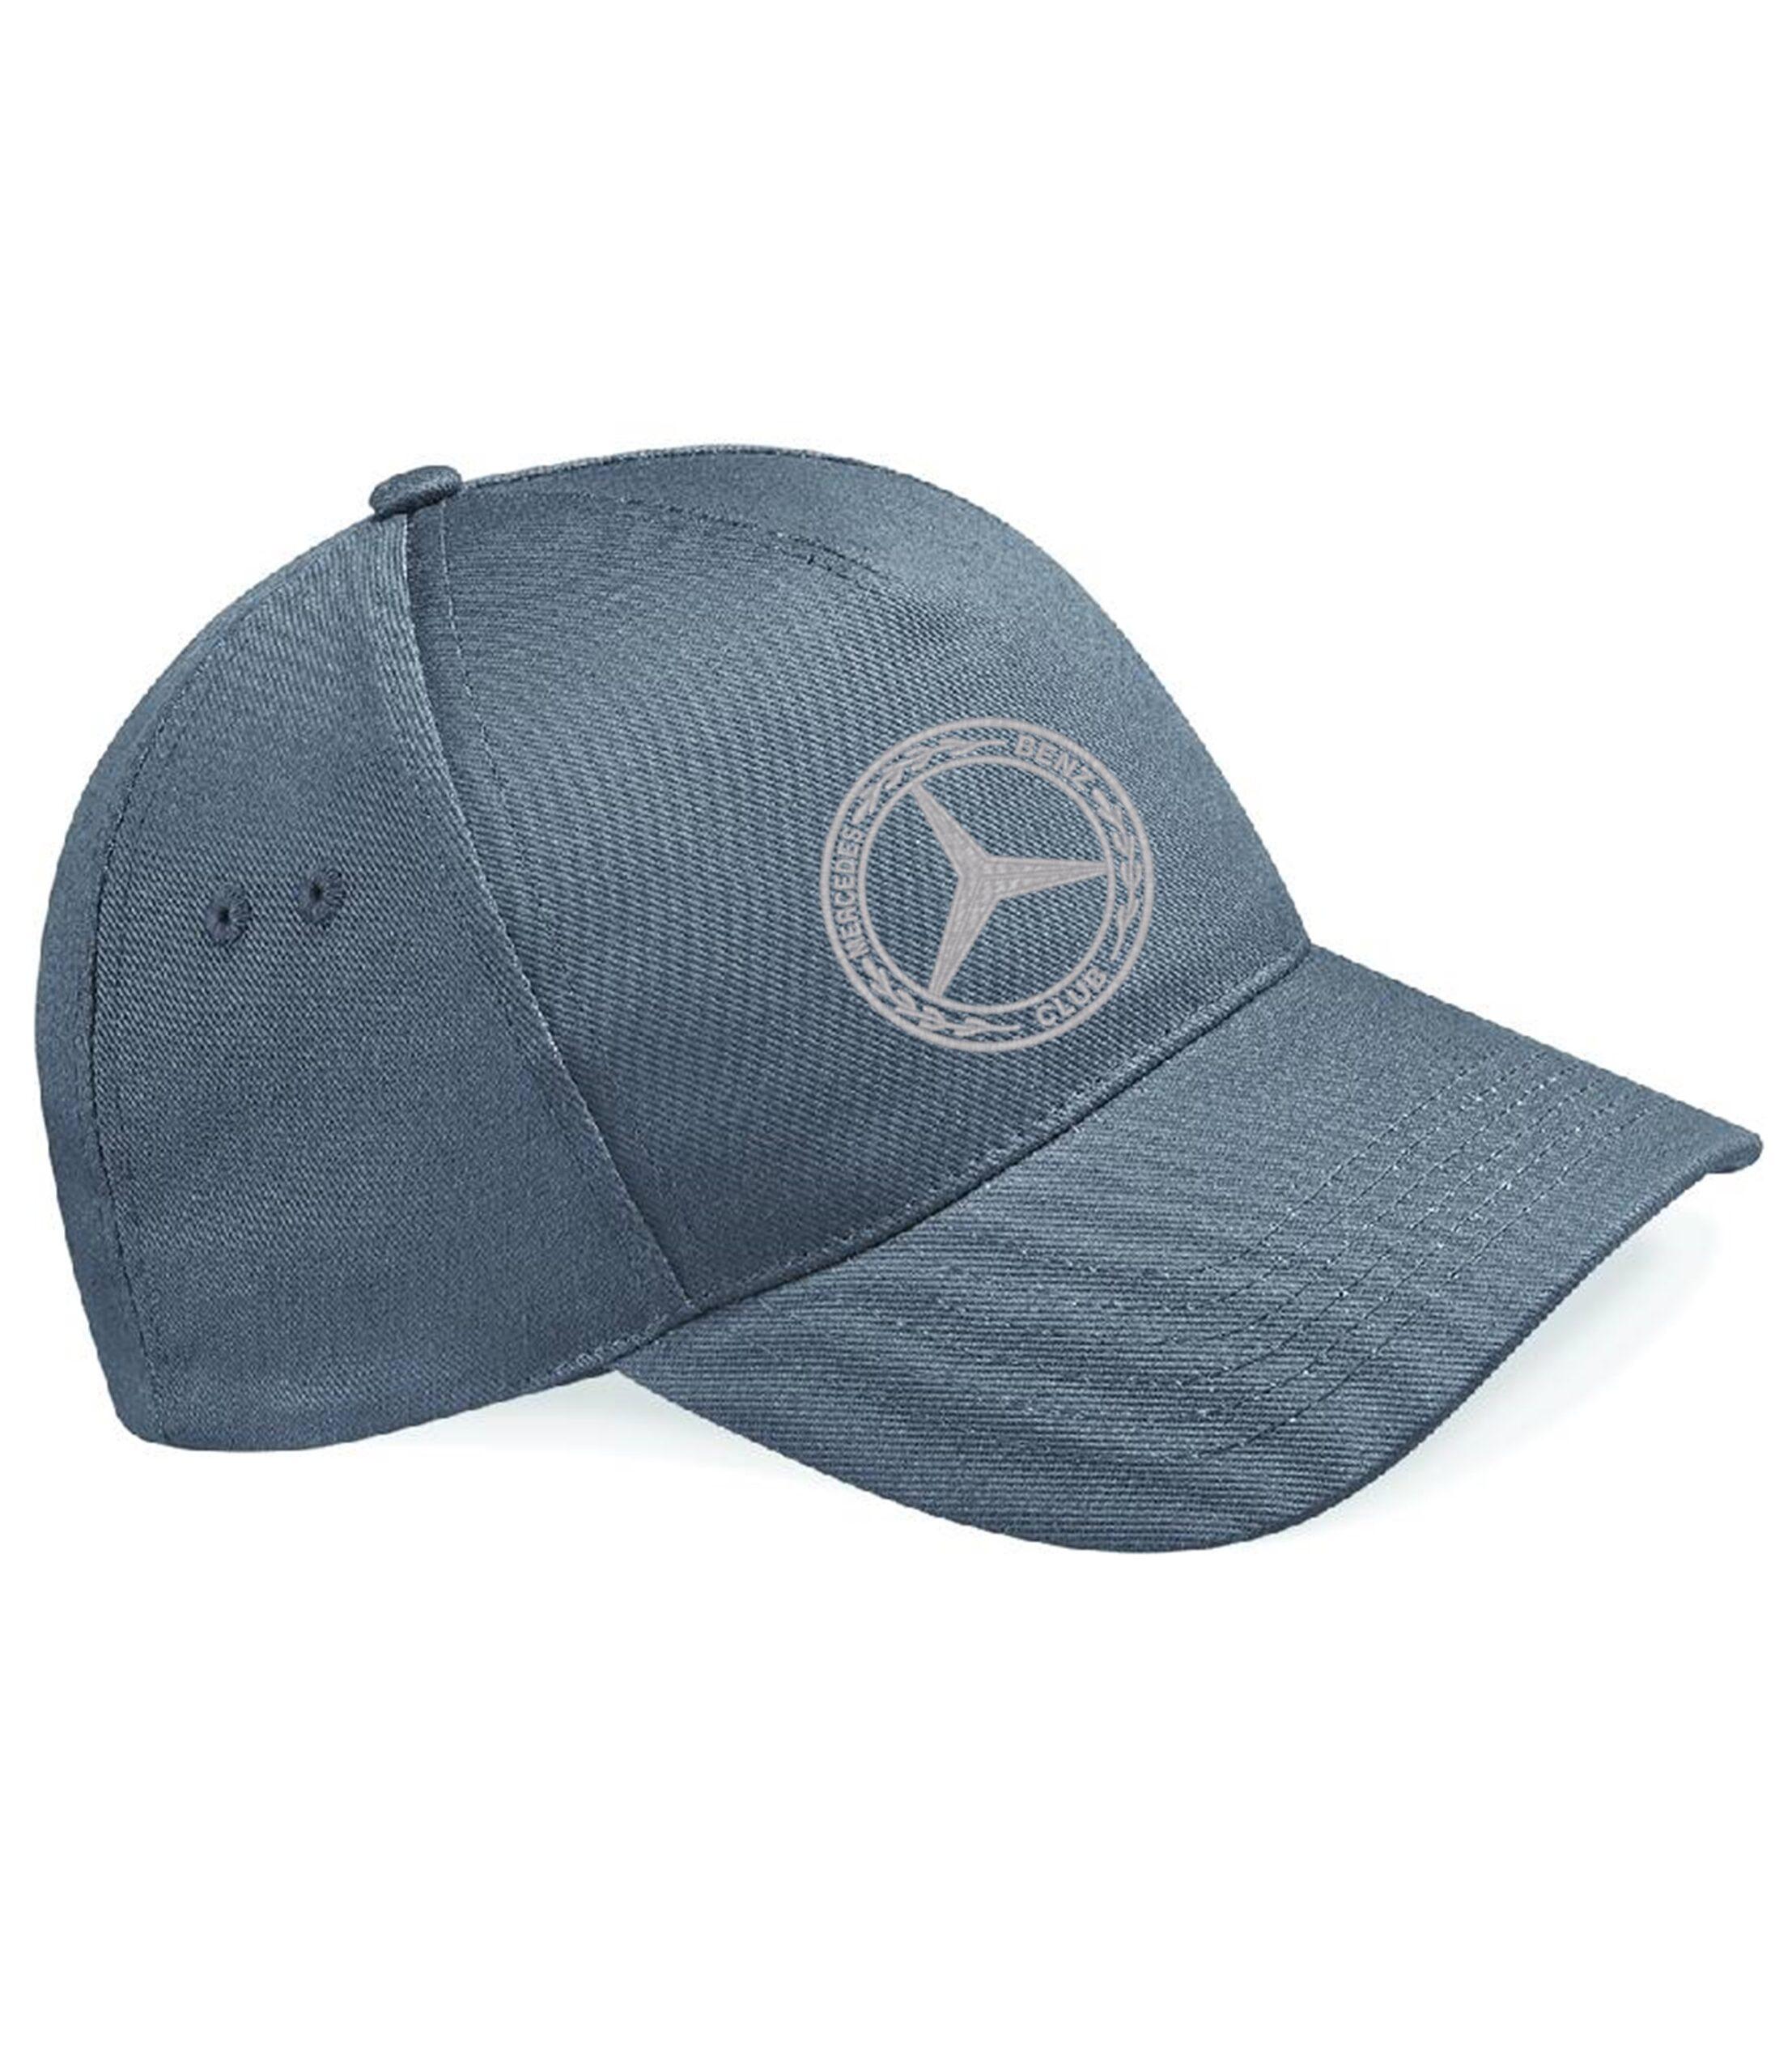 Mercedes-Benz Club Cap Grey